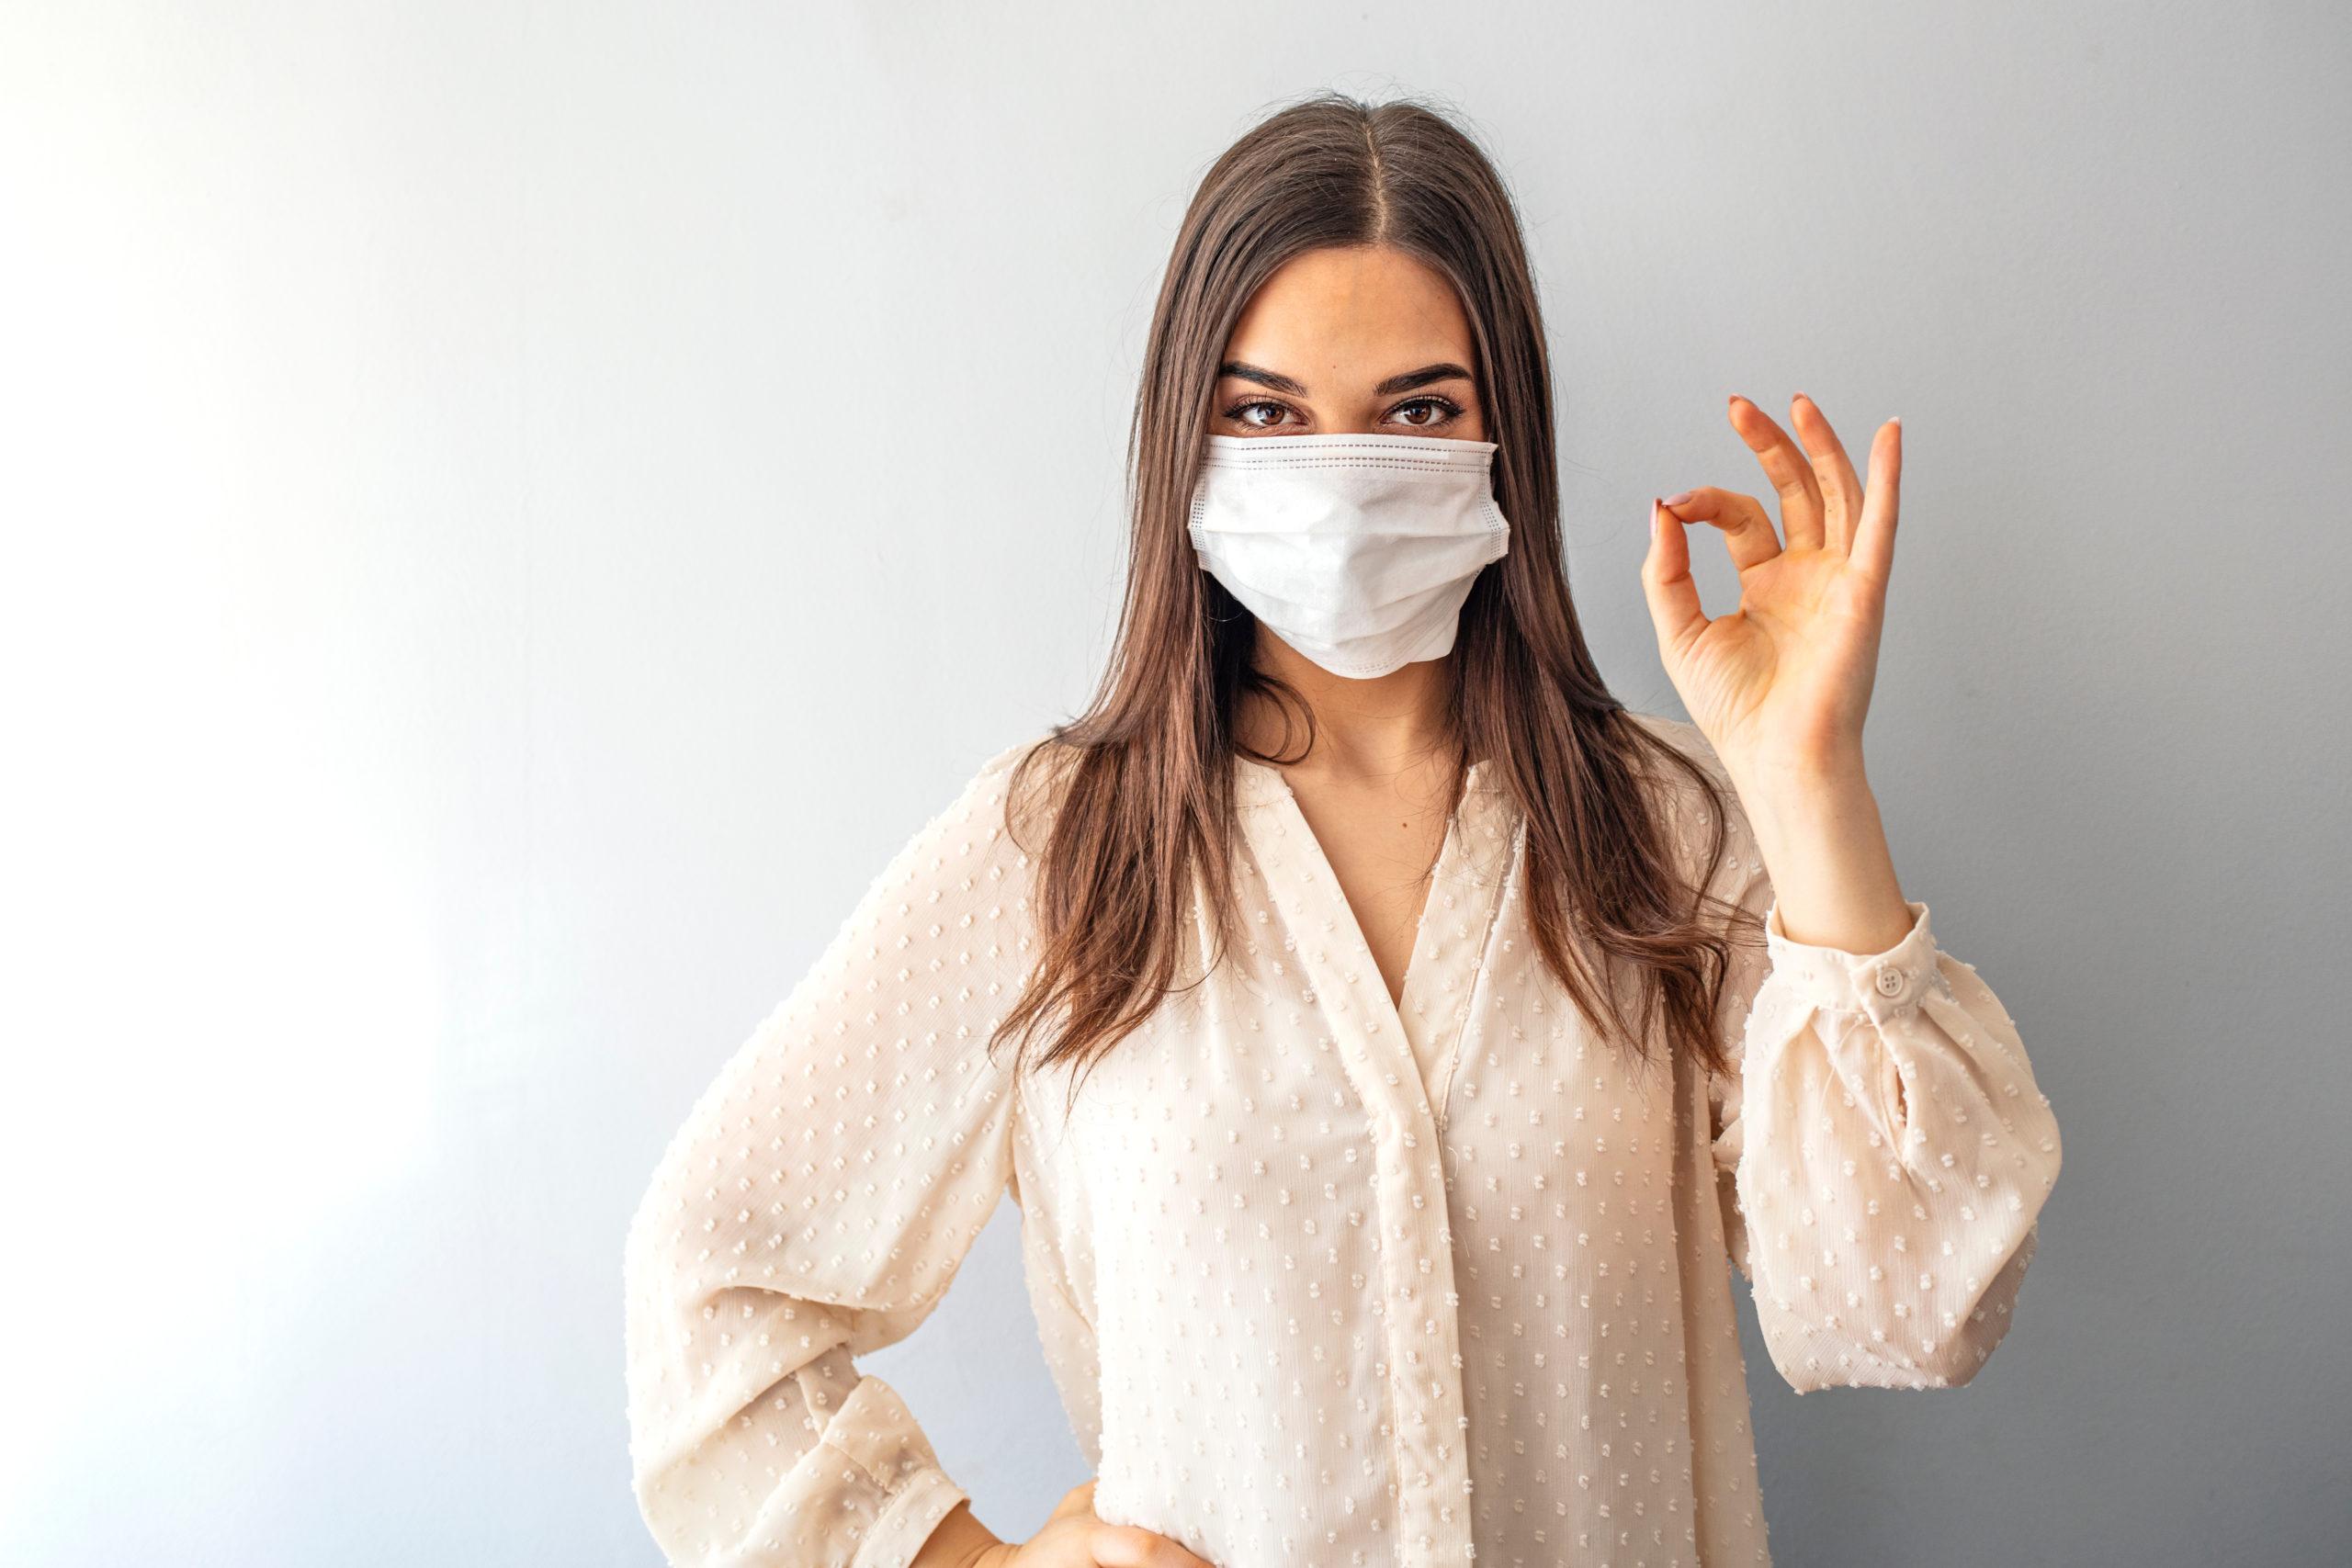 5 Strategies to Cope with the Coronavirus Quarantine